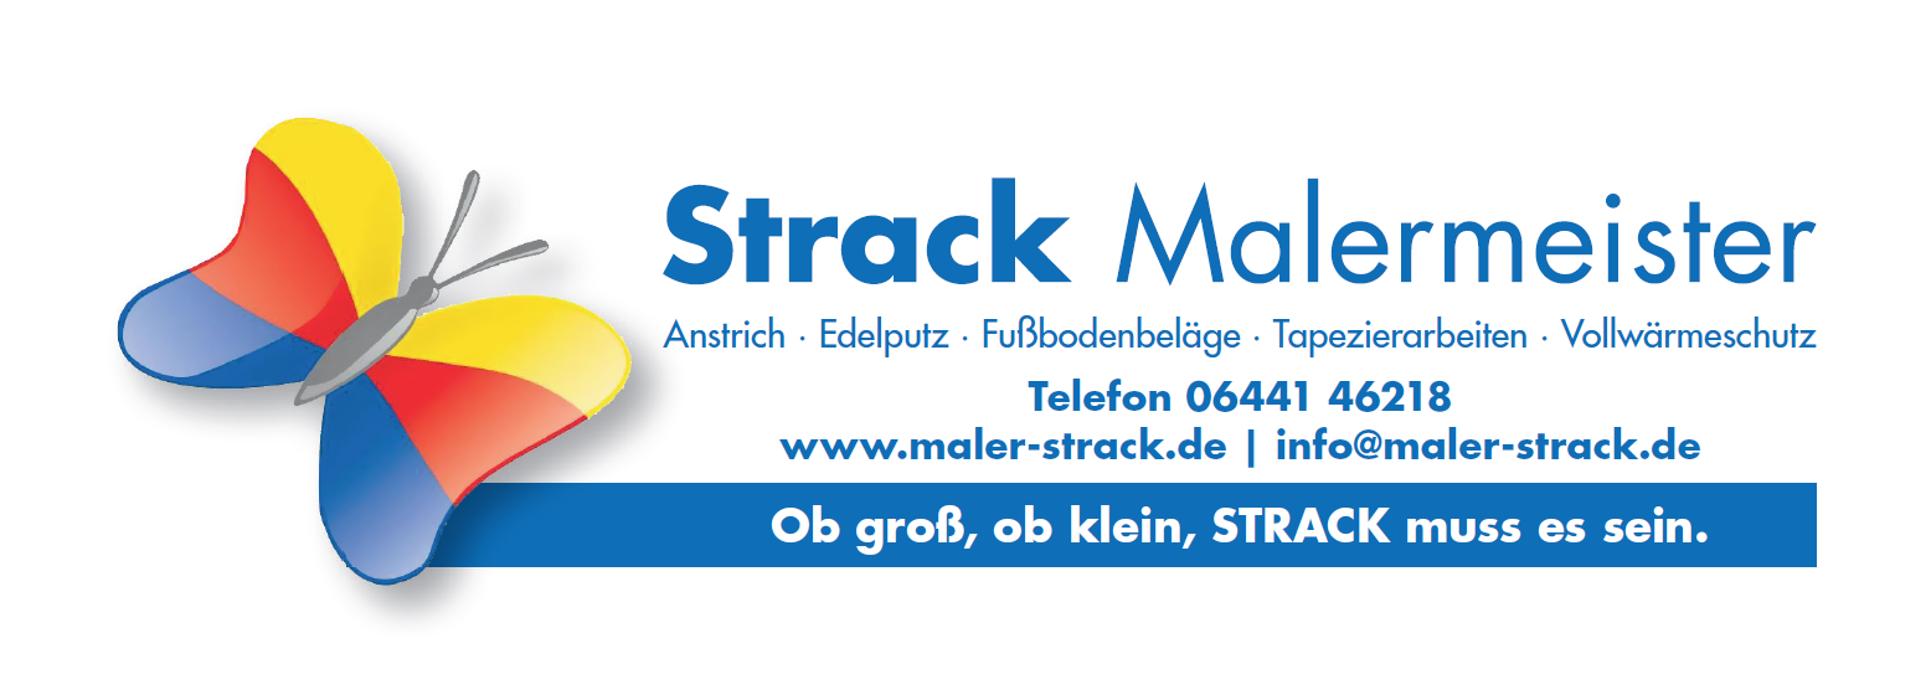 Bild zu Strack Malermeister in Wetzlar